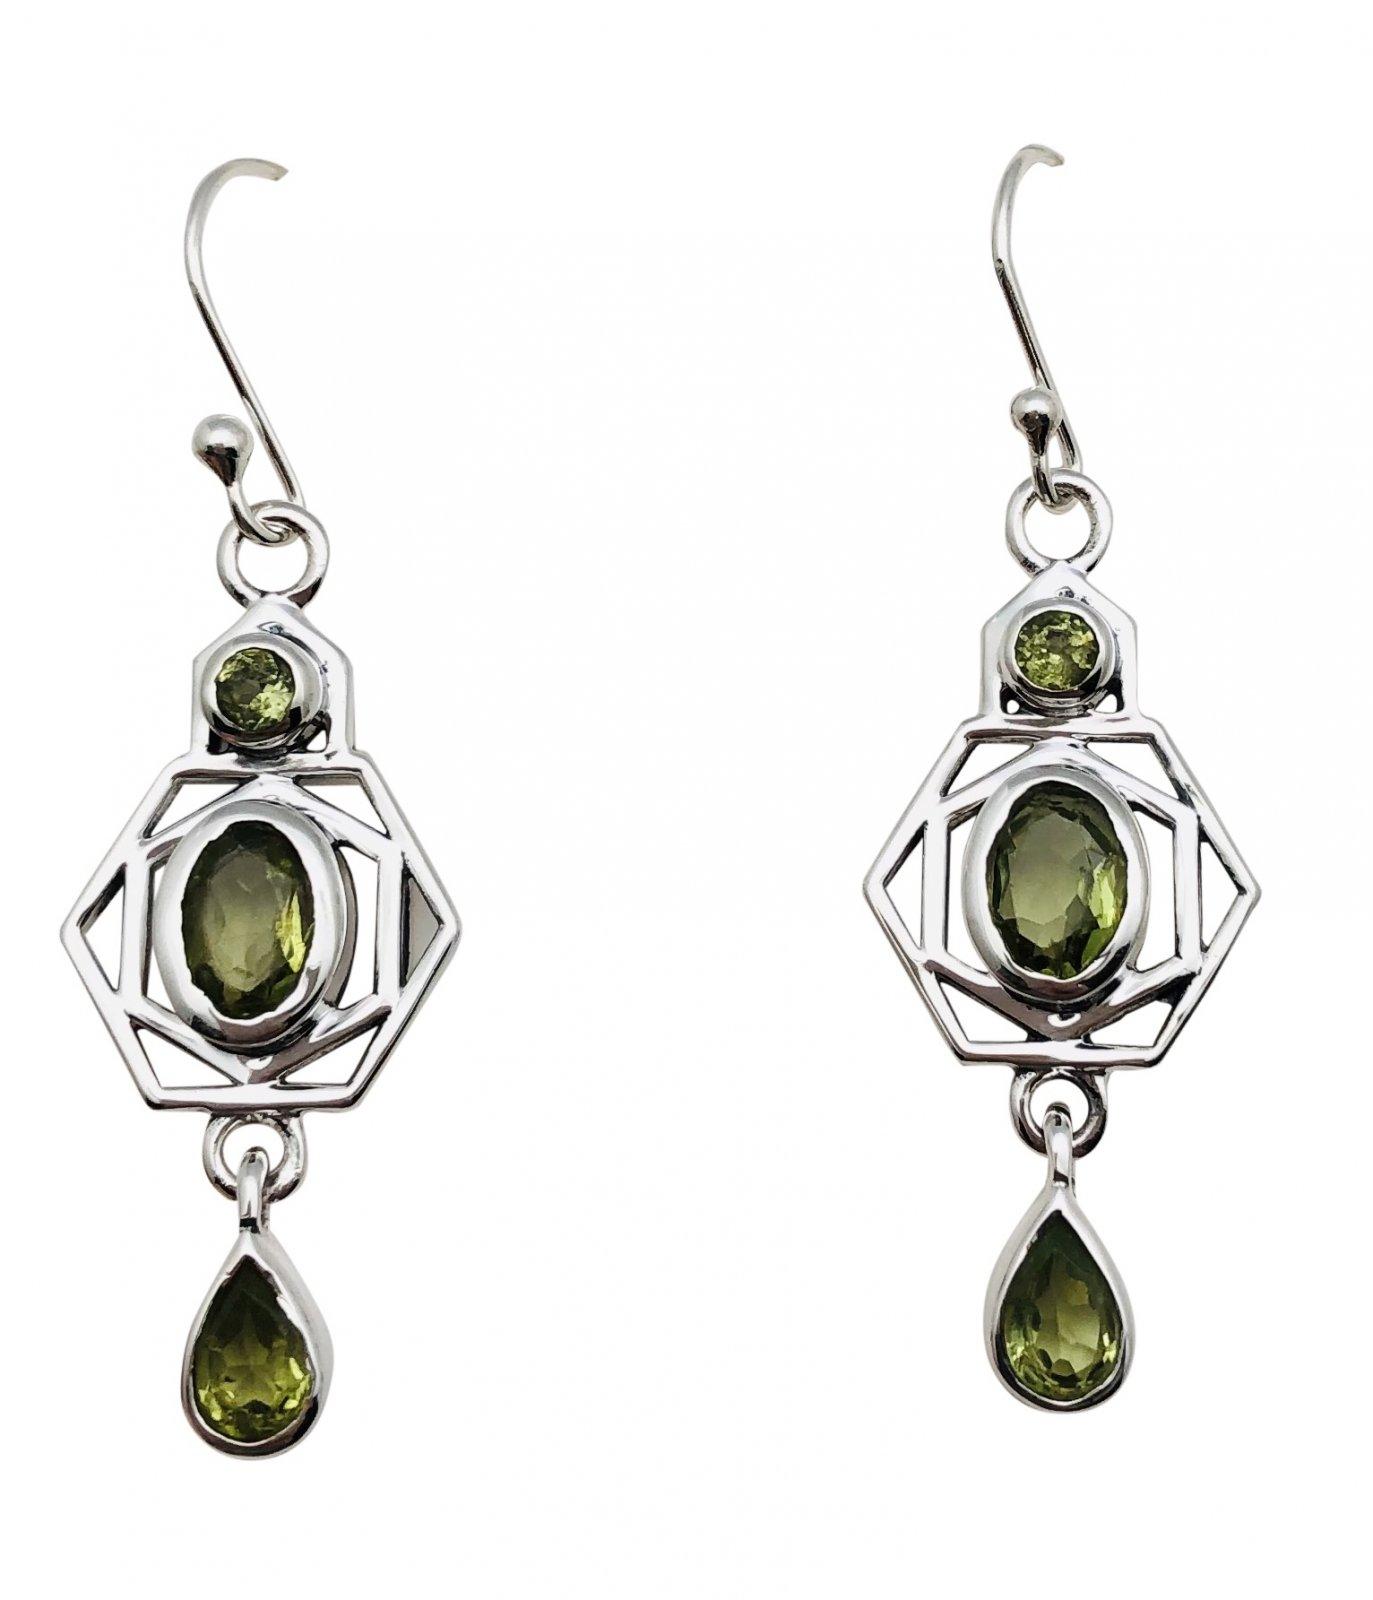 Ear > Peridot Oval & Round Drops Dangle Earring